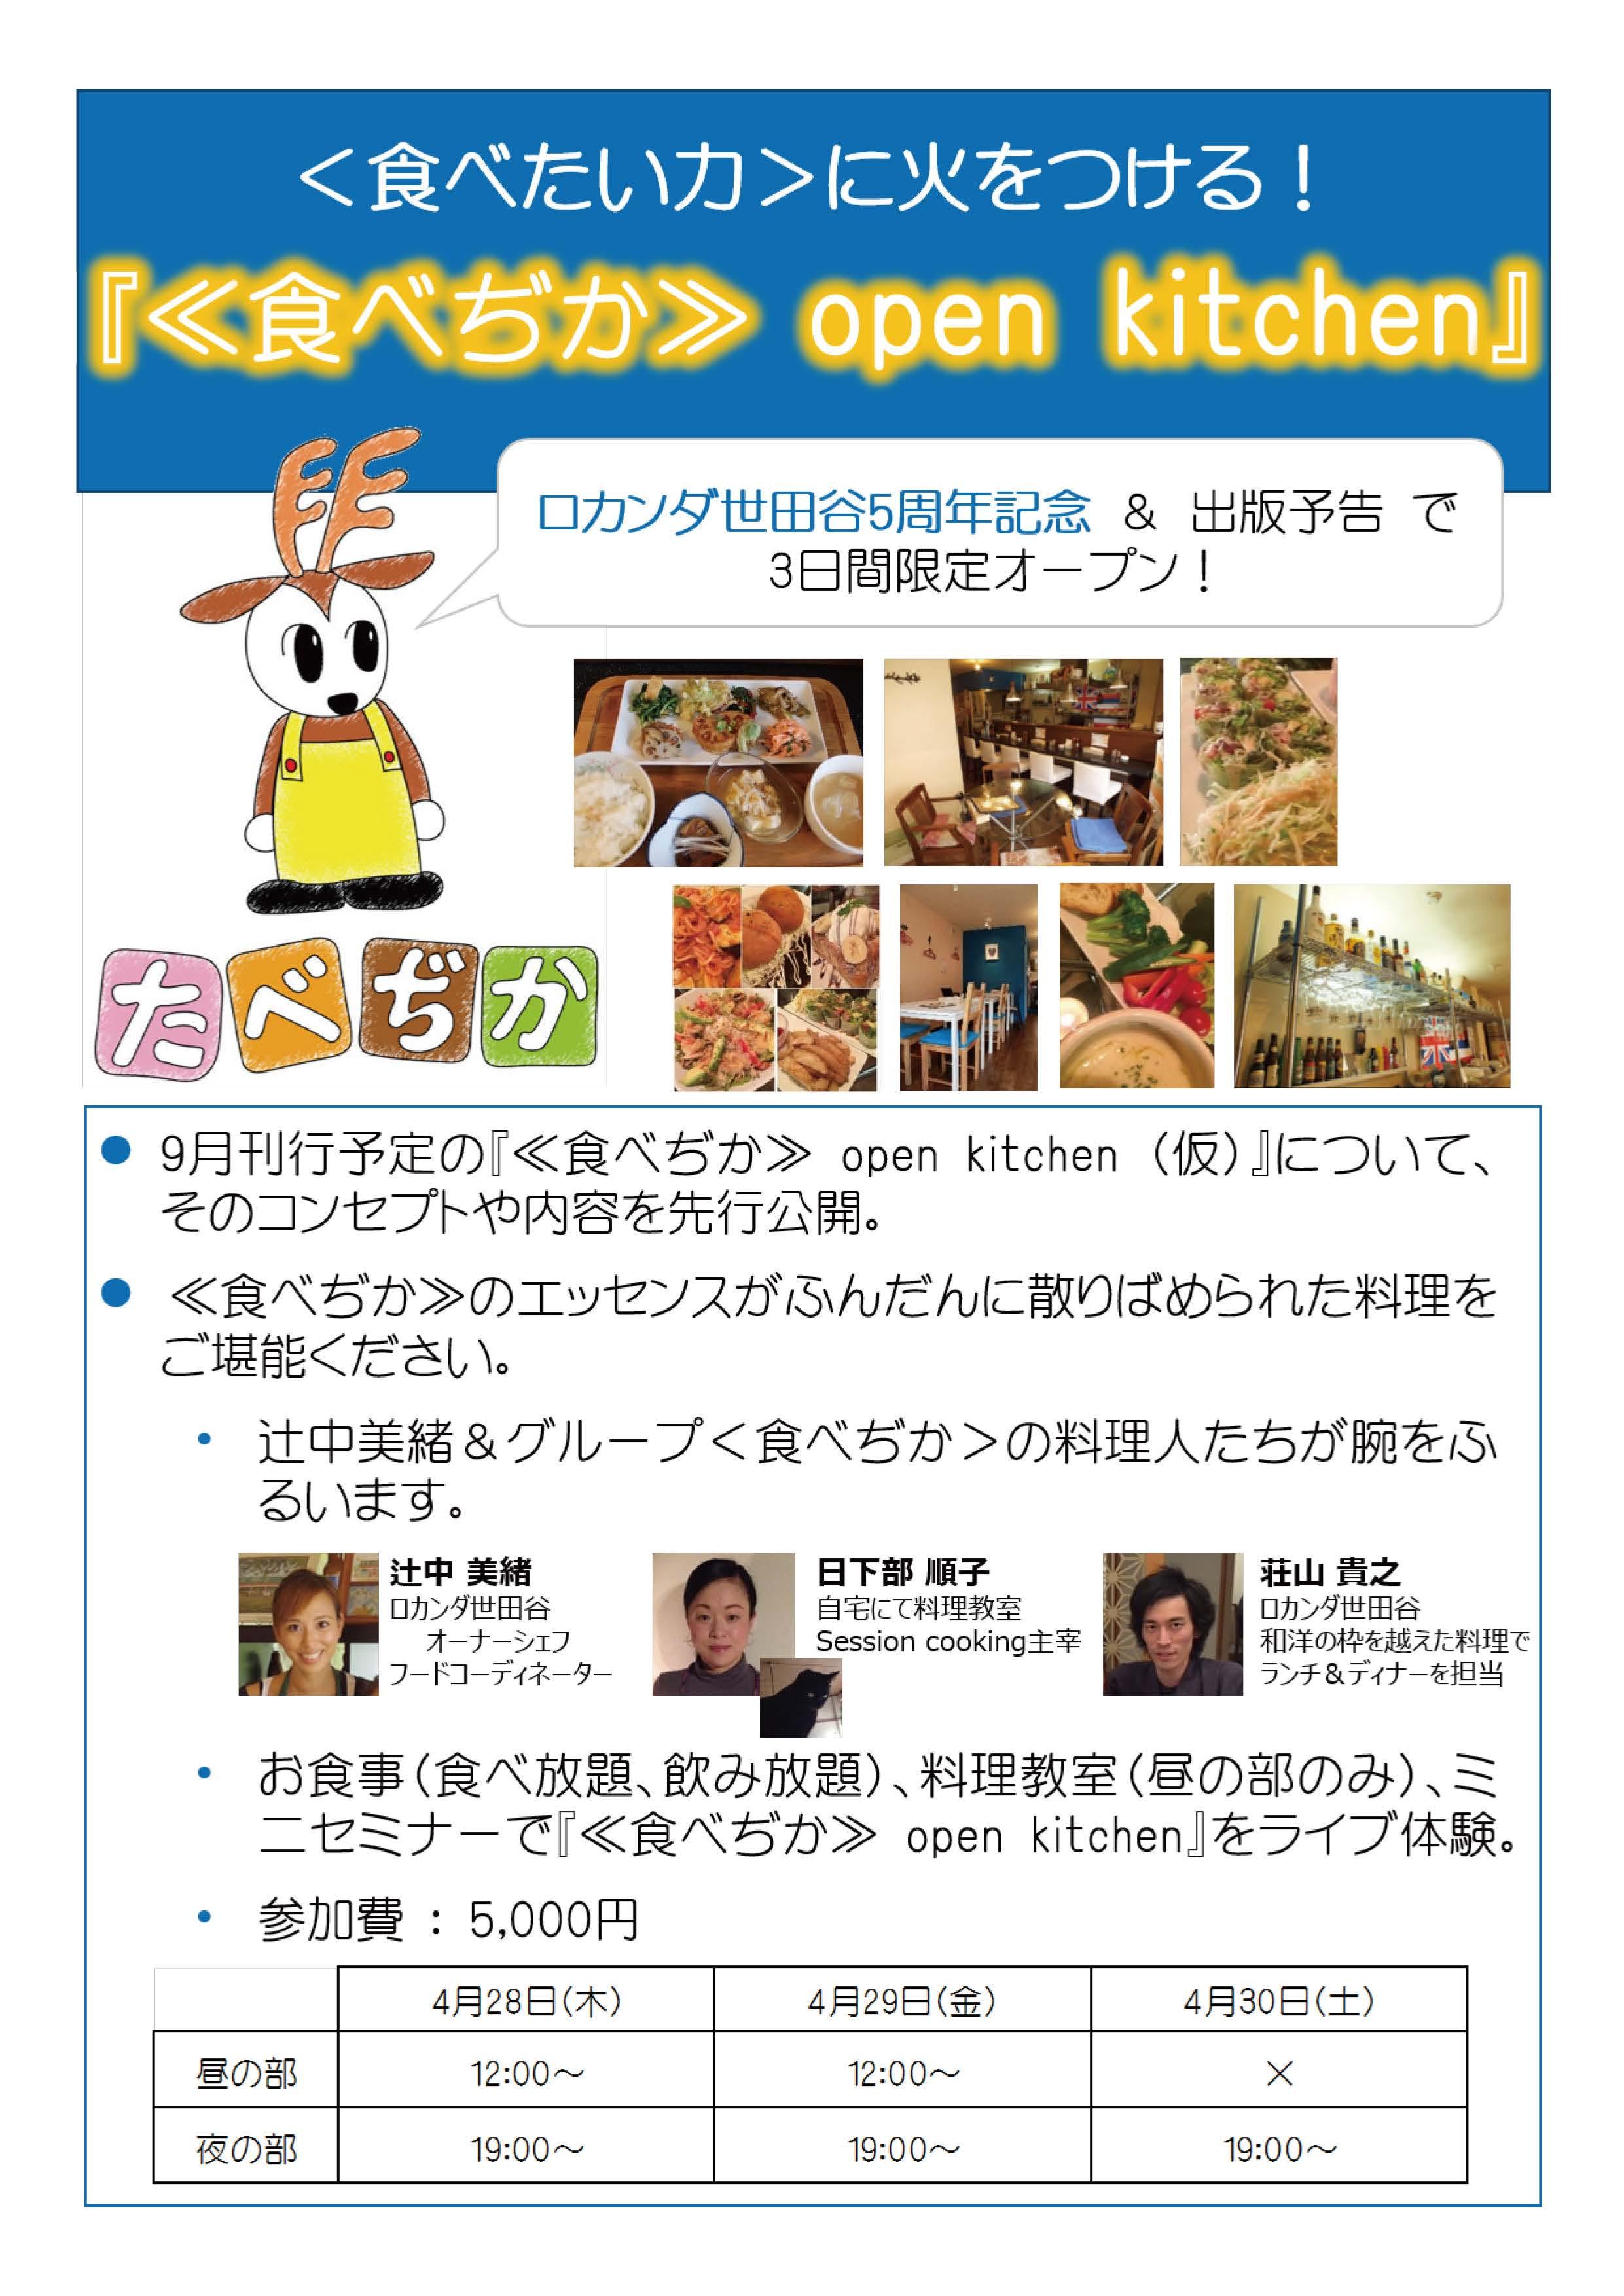 【食のトレンドおすすめイベント】食べたい力に火をつける!『〈食べぢか〉open kitchen』